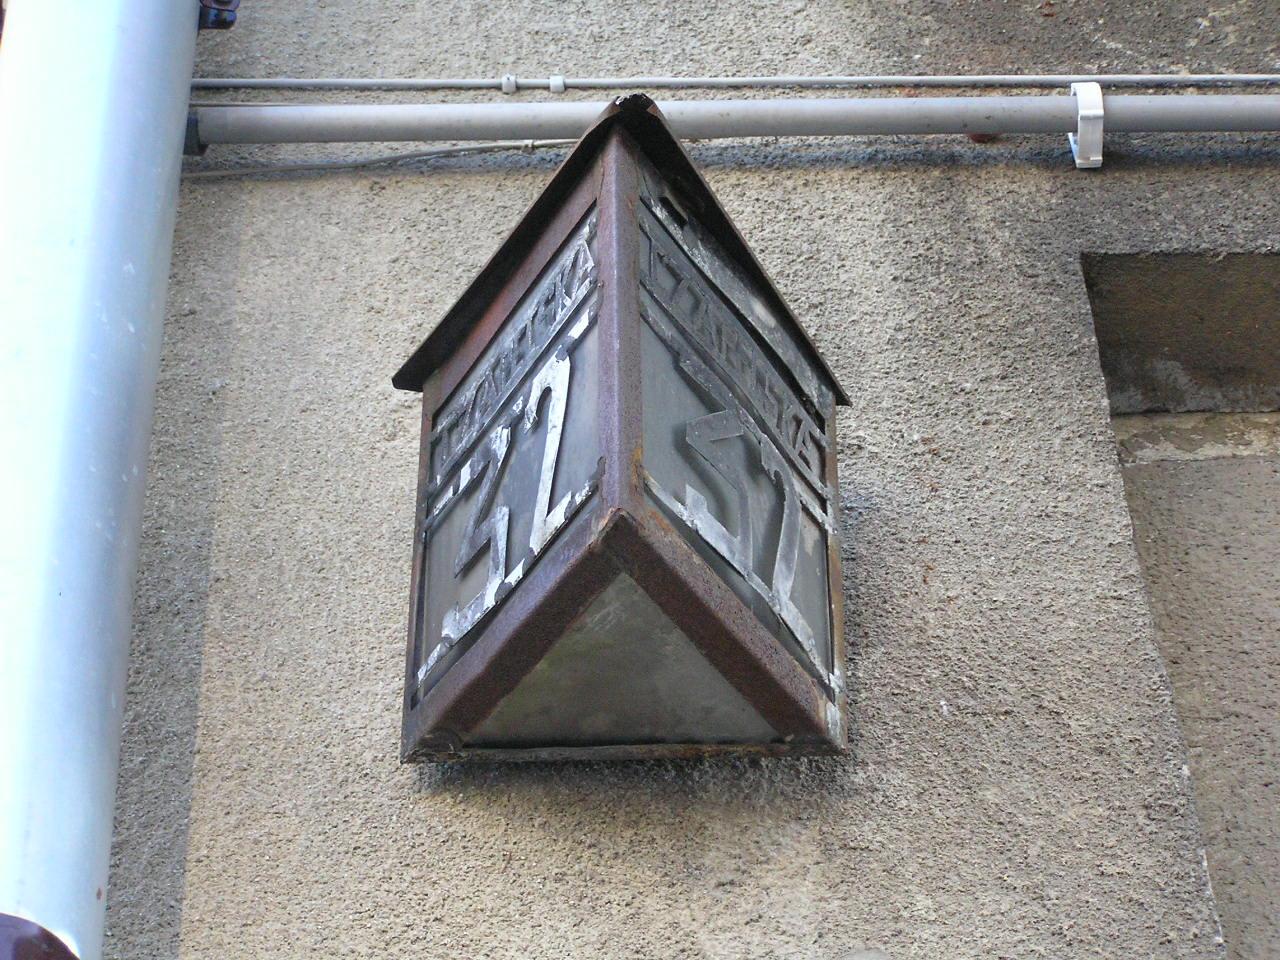 Latarenka adresowa - Czapelska 32